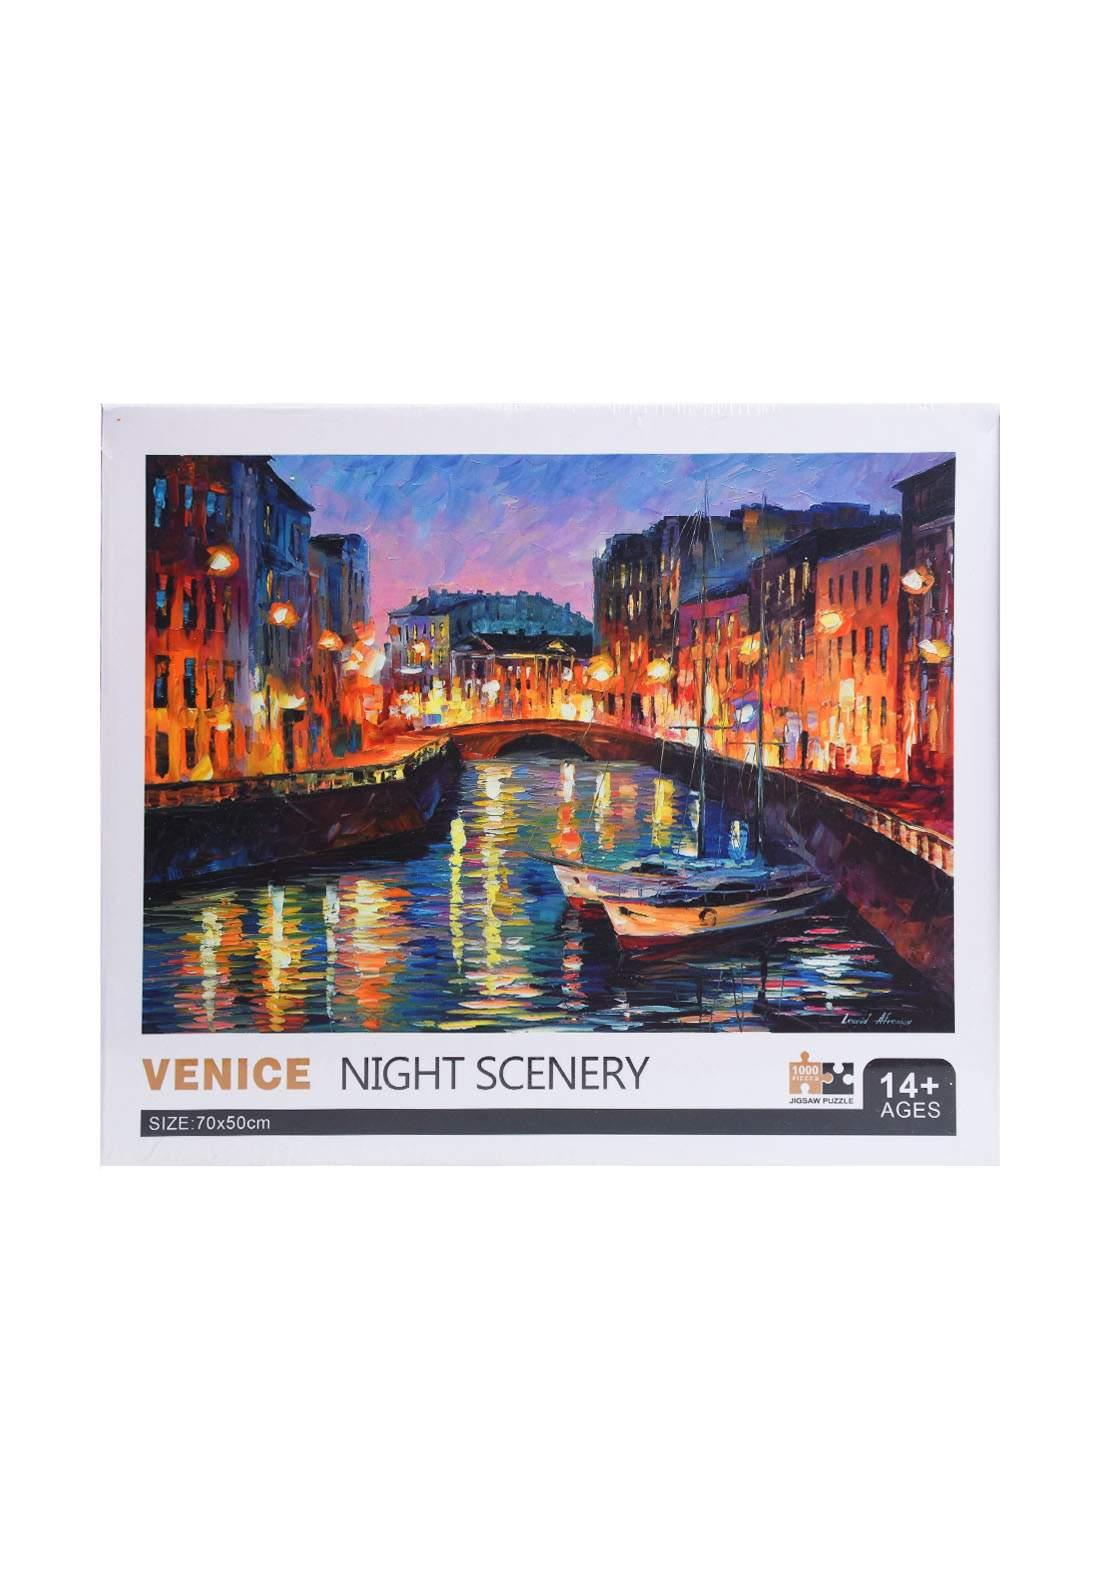 Jigsaw Puzzle Venice Night Scenery 1000Pcs لعبة تركيب القطع بشكل مشهد ليلة البندقية